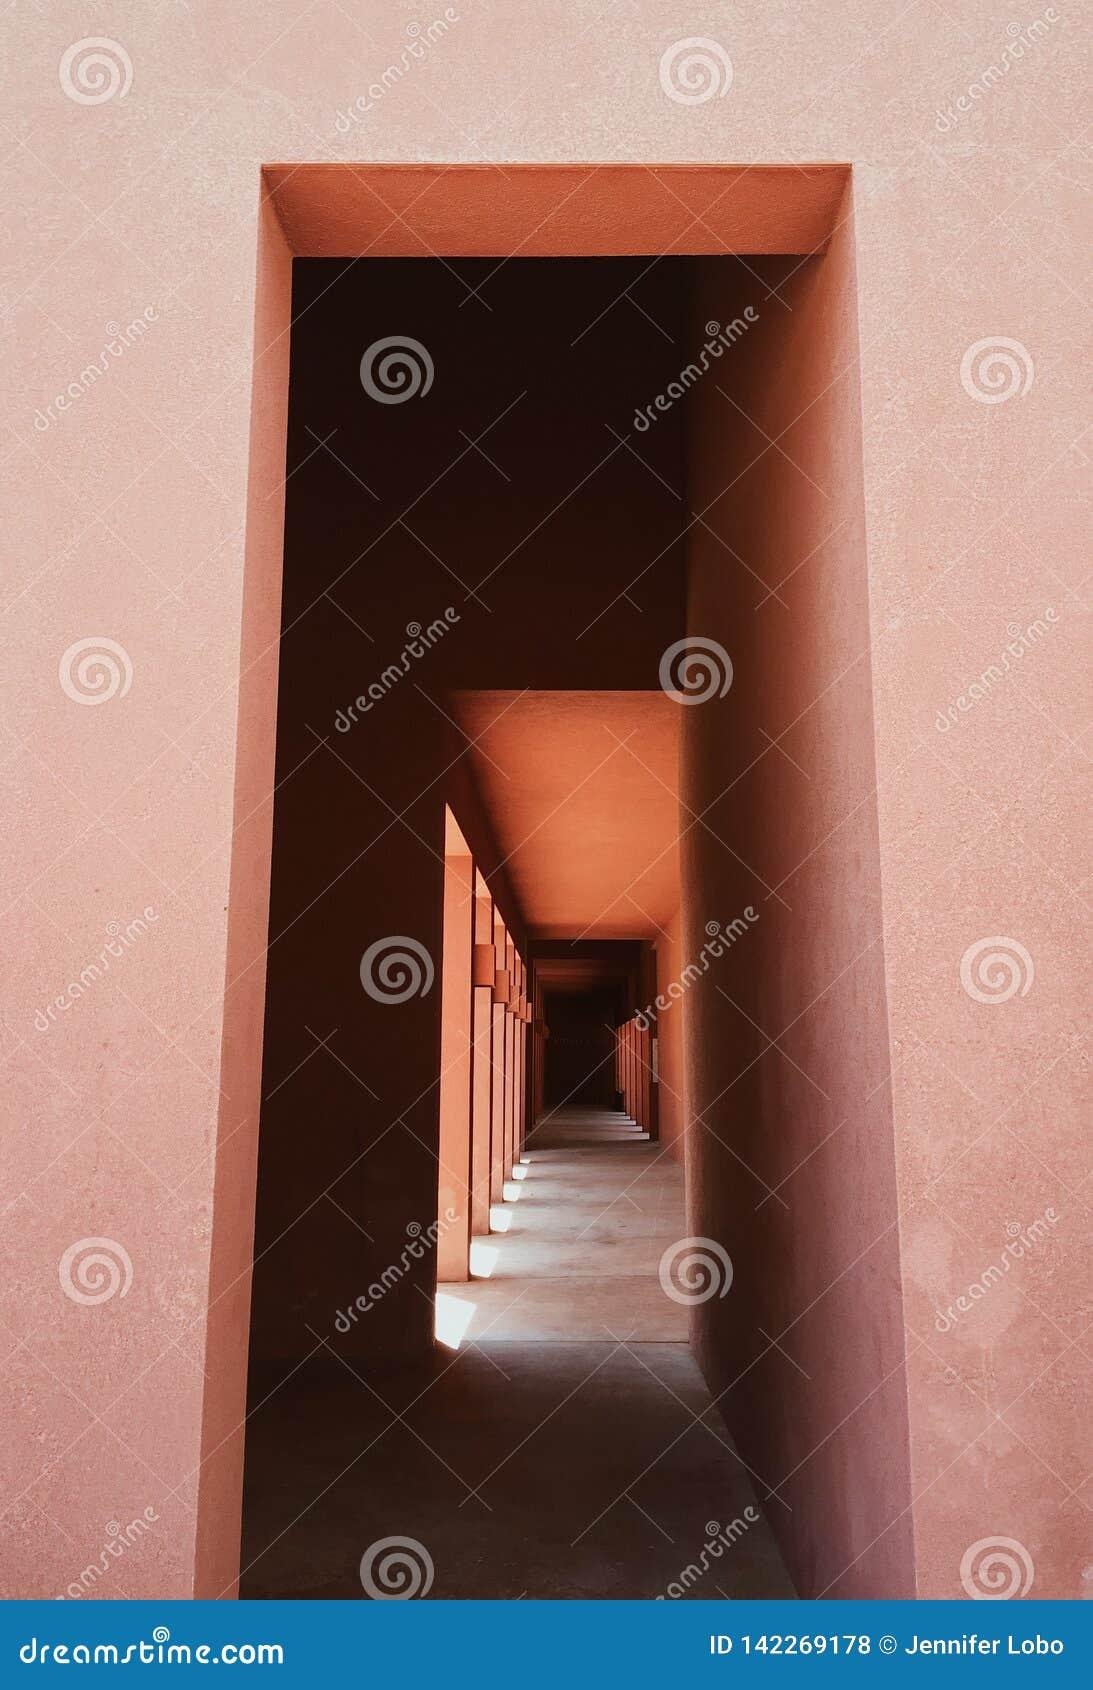 Αρχιτεκτονικές λεπτομέρειες ενός διαδρόμου σε ένα κτήριο